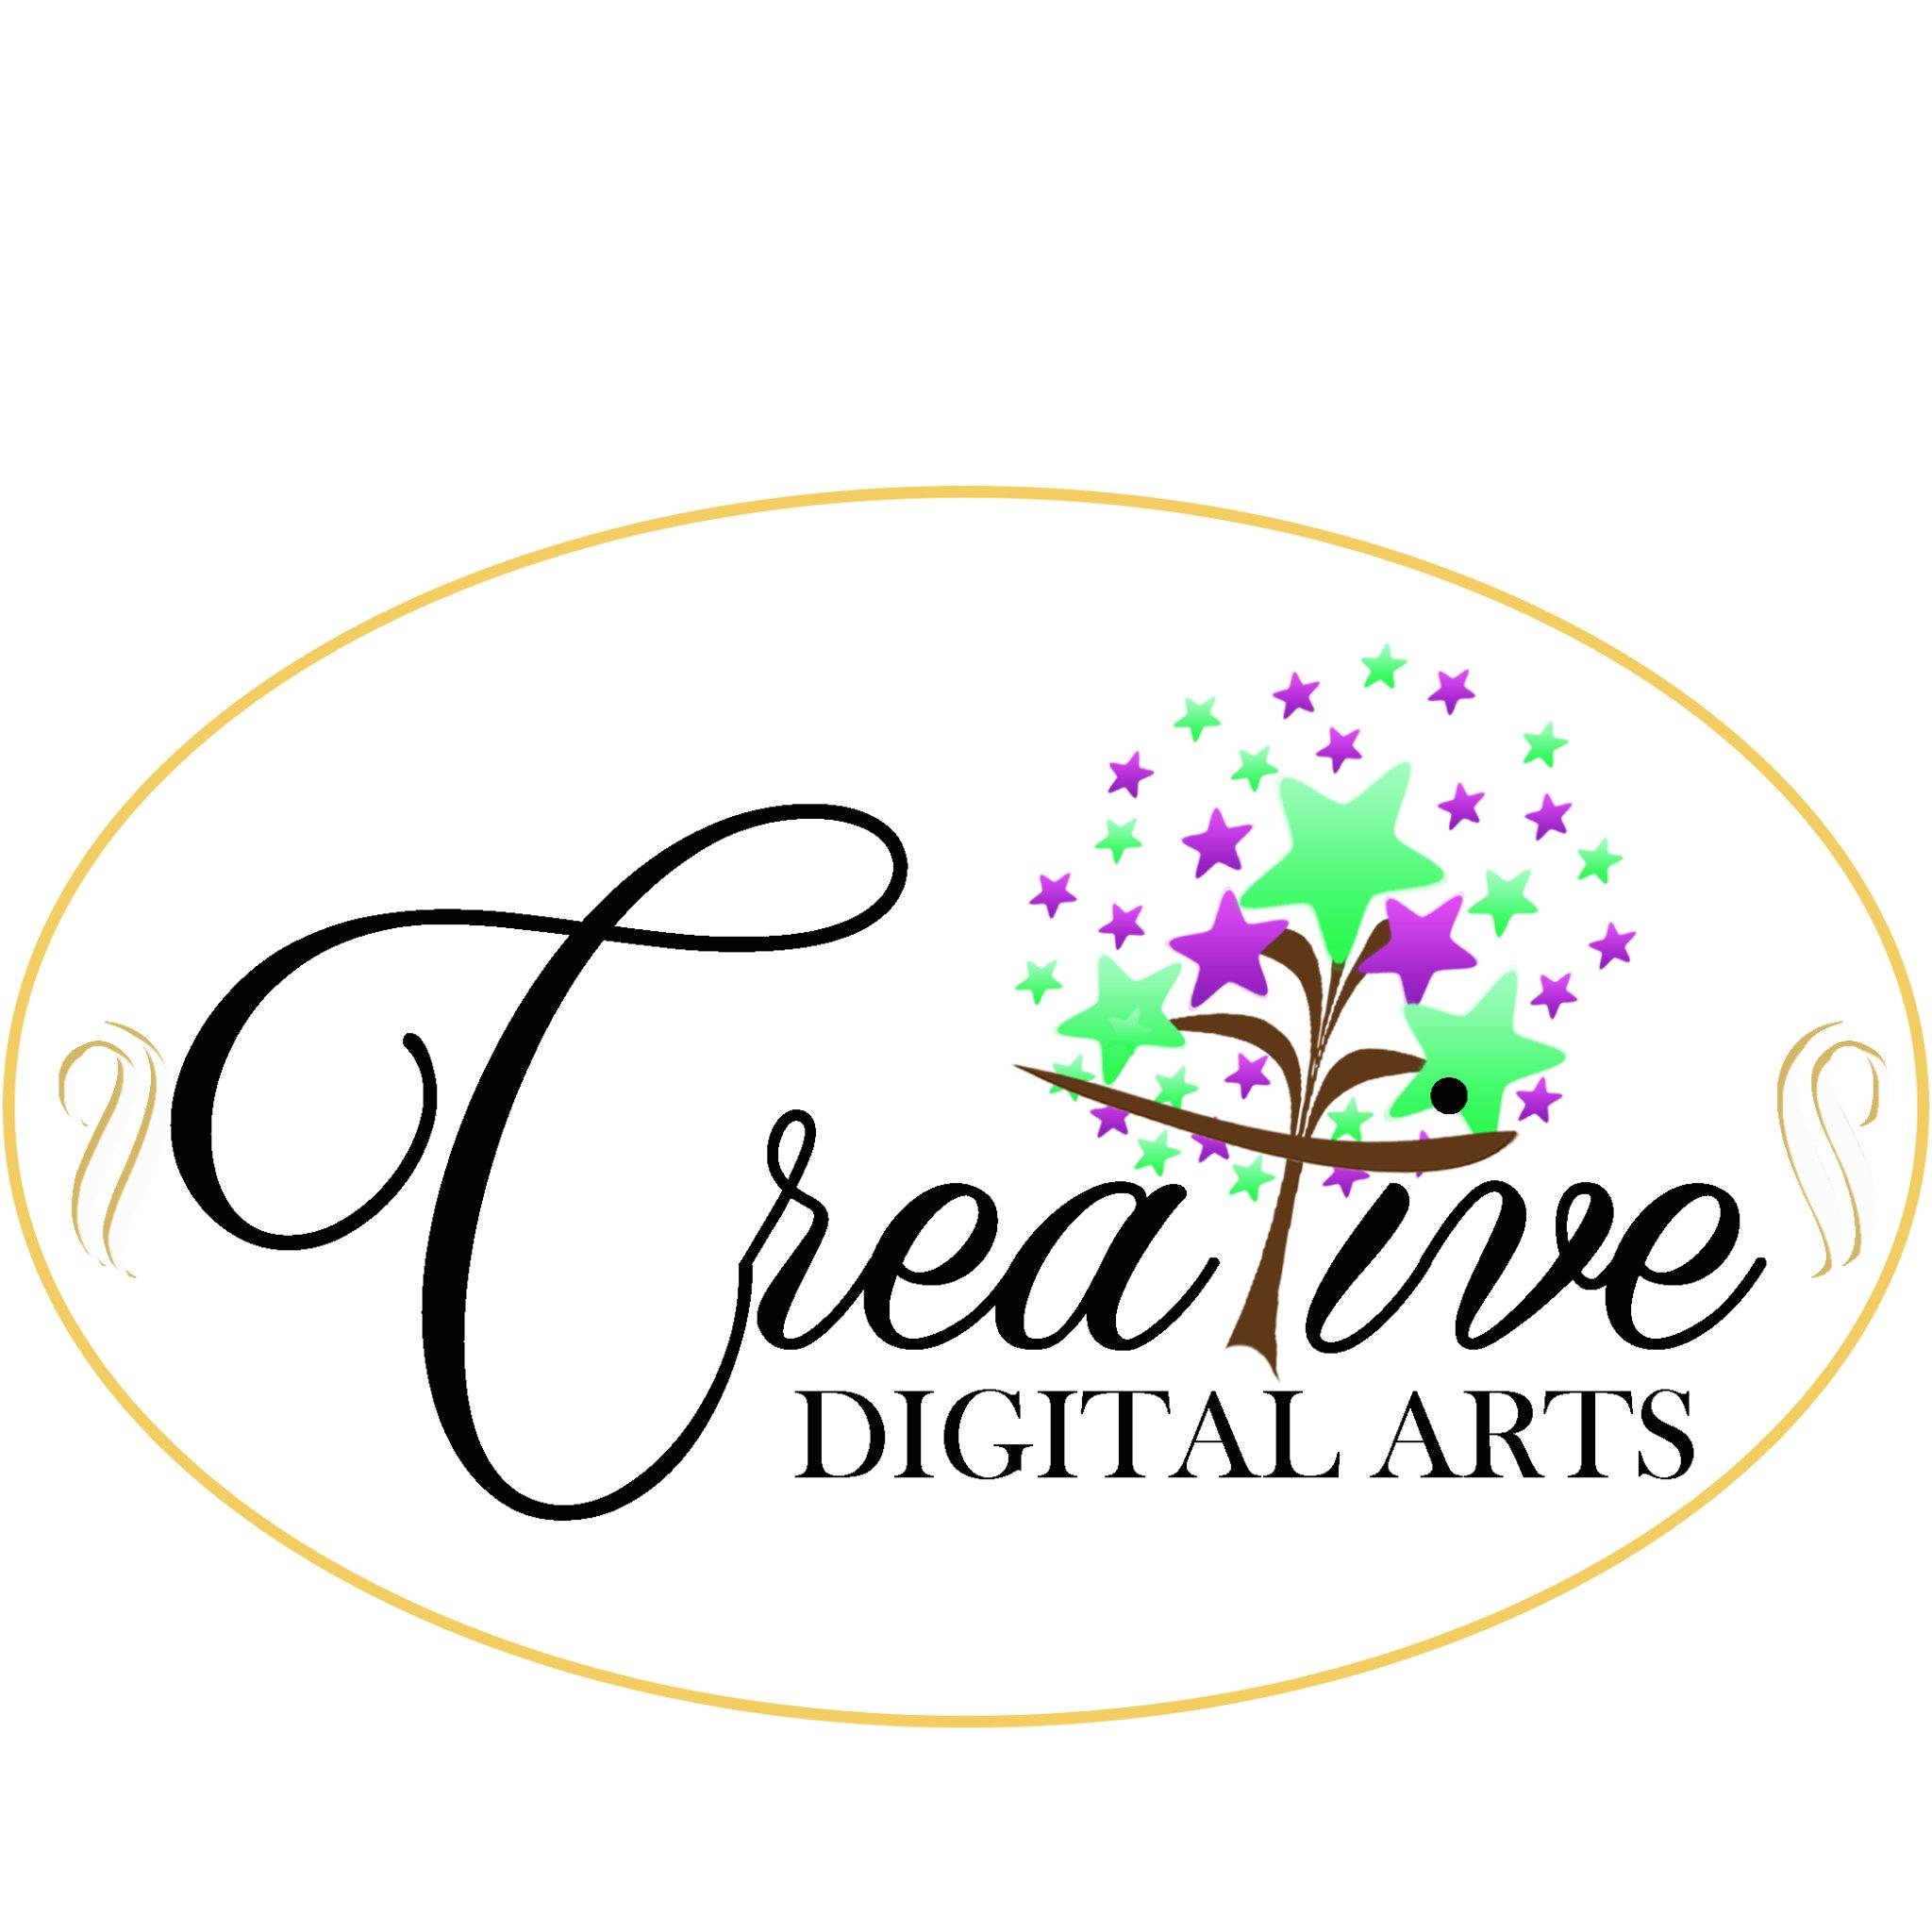 CreativeDigitalArts